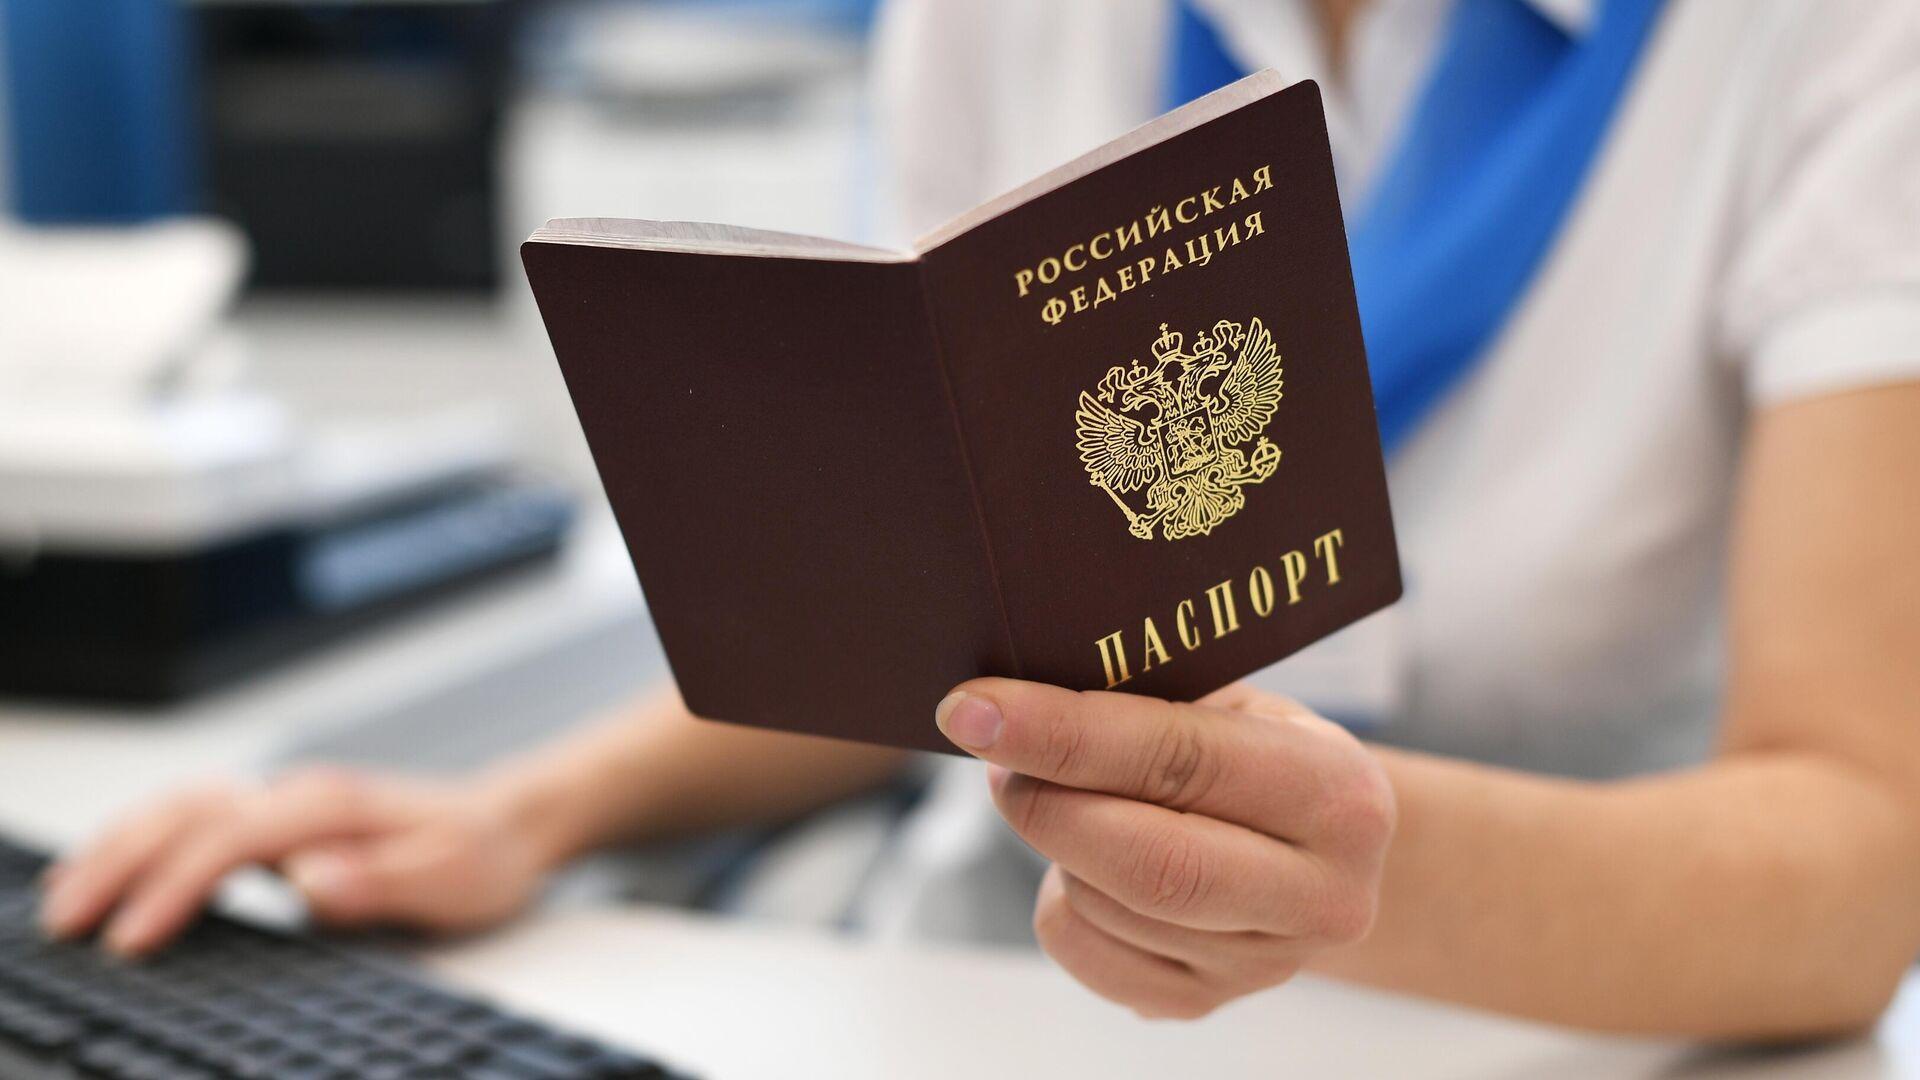 Сотрудник пенсионного фонда держит в руках паспорт РФ - РИА Новости, 1920, 14.10.2021